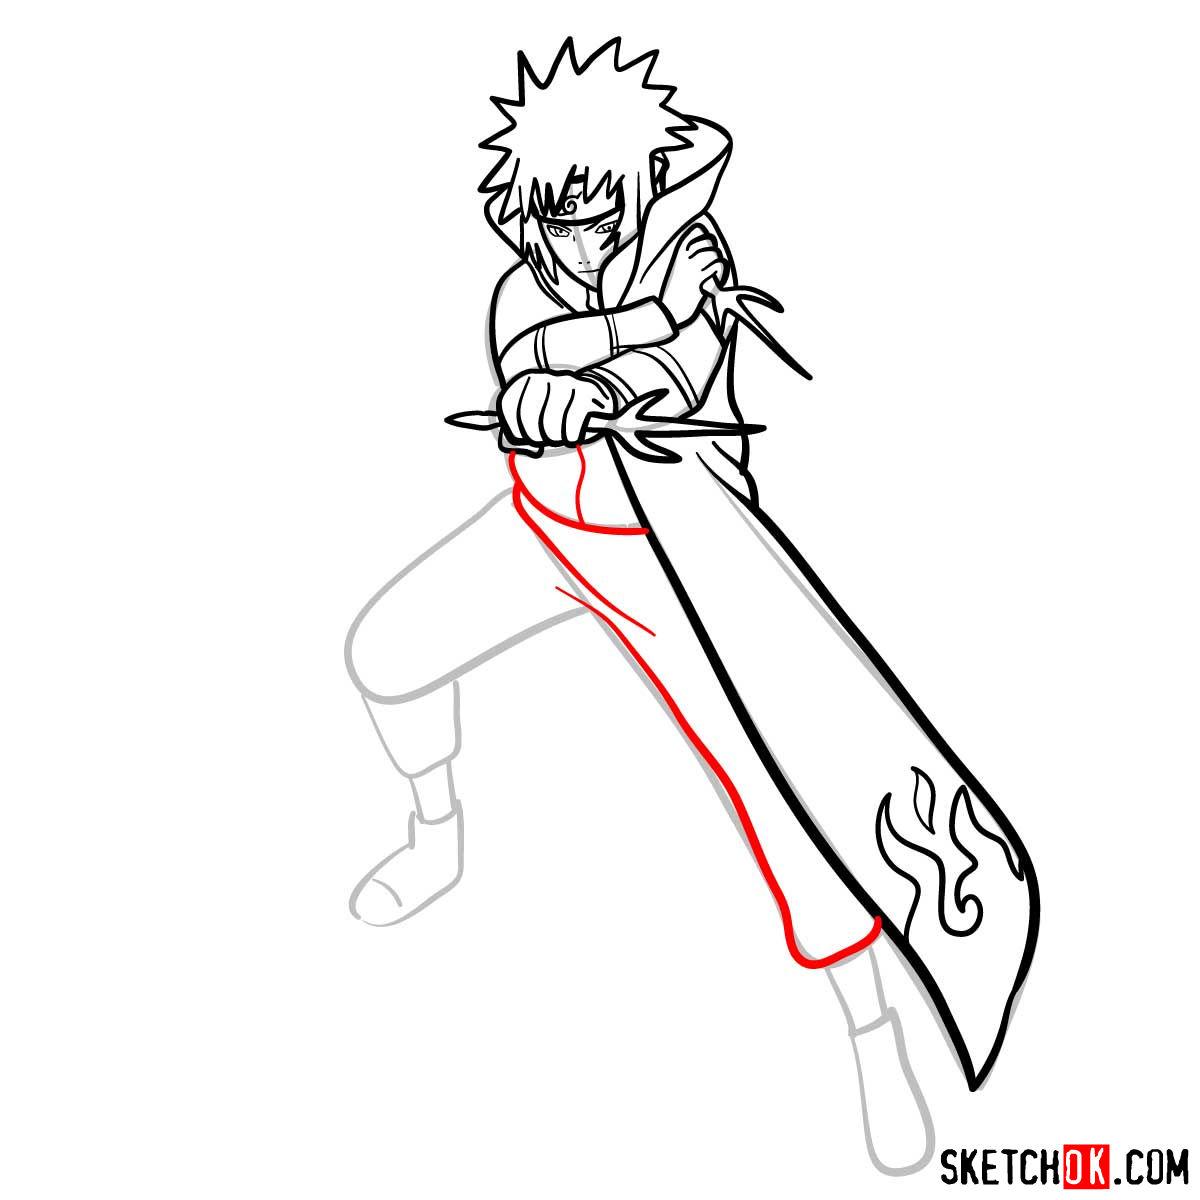 How to draw Minato Namikaze from Naruto anime - step 12